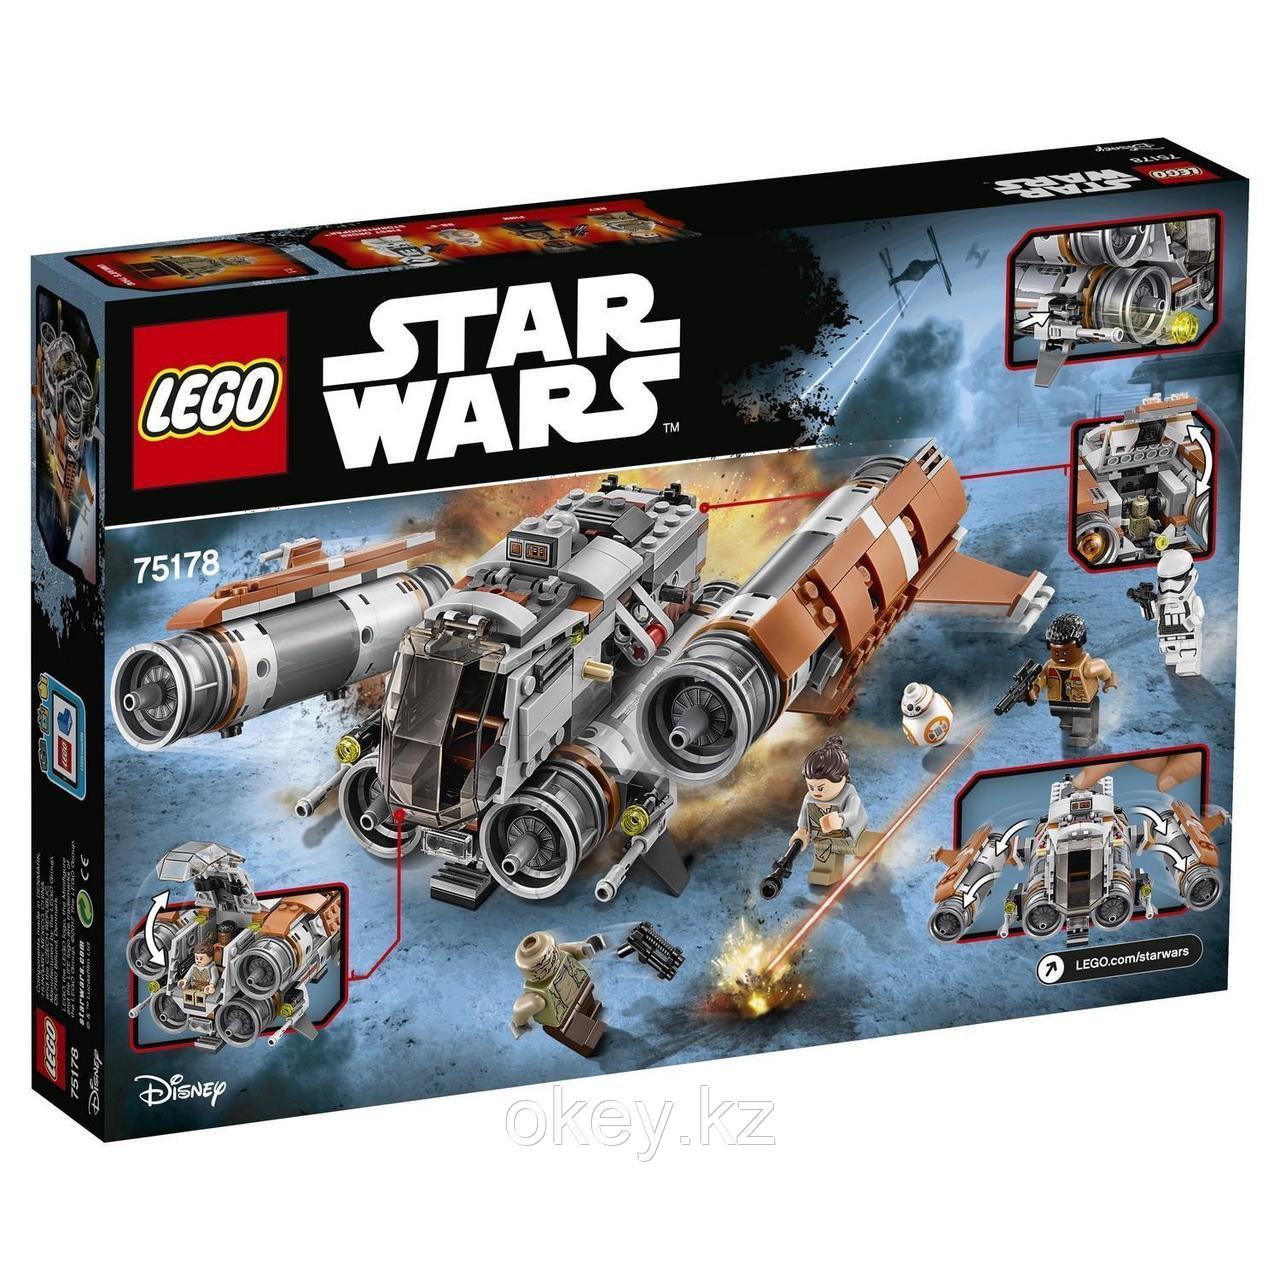 LEGO Star Wars: Квадджампер Джакку 75178